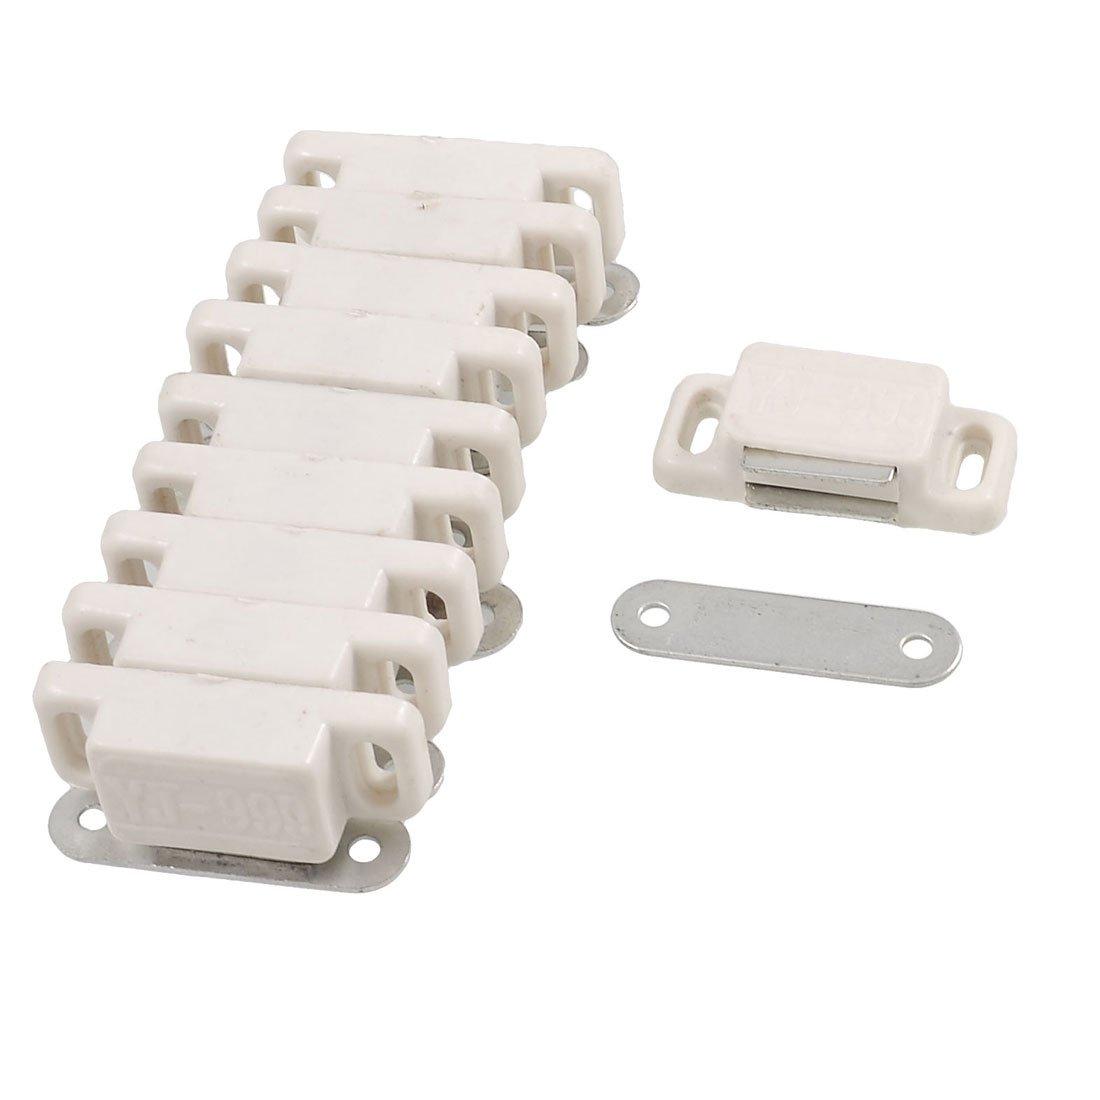 Sourcingmap a12092800ux0202en plastique Loquet magnétique de porte en métal–Blanc cassé (10pièces)